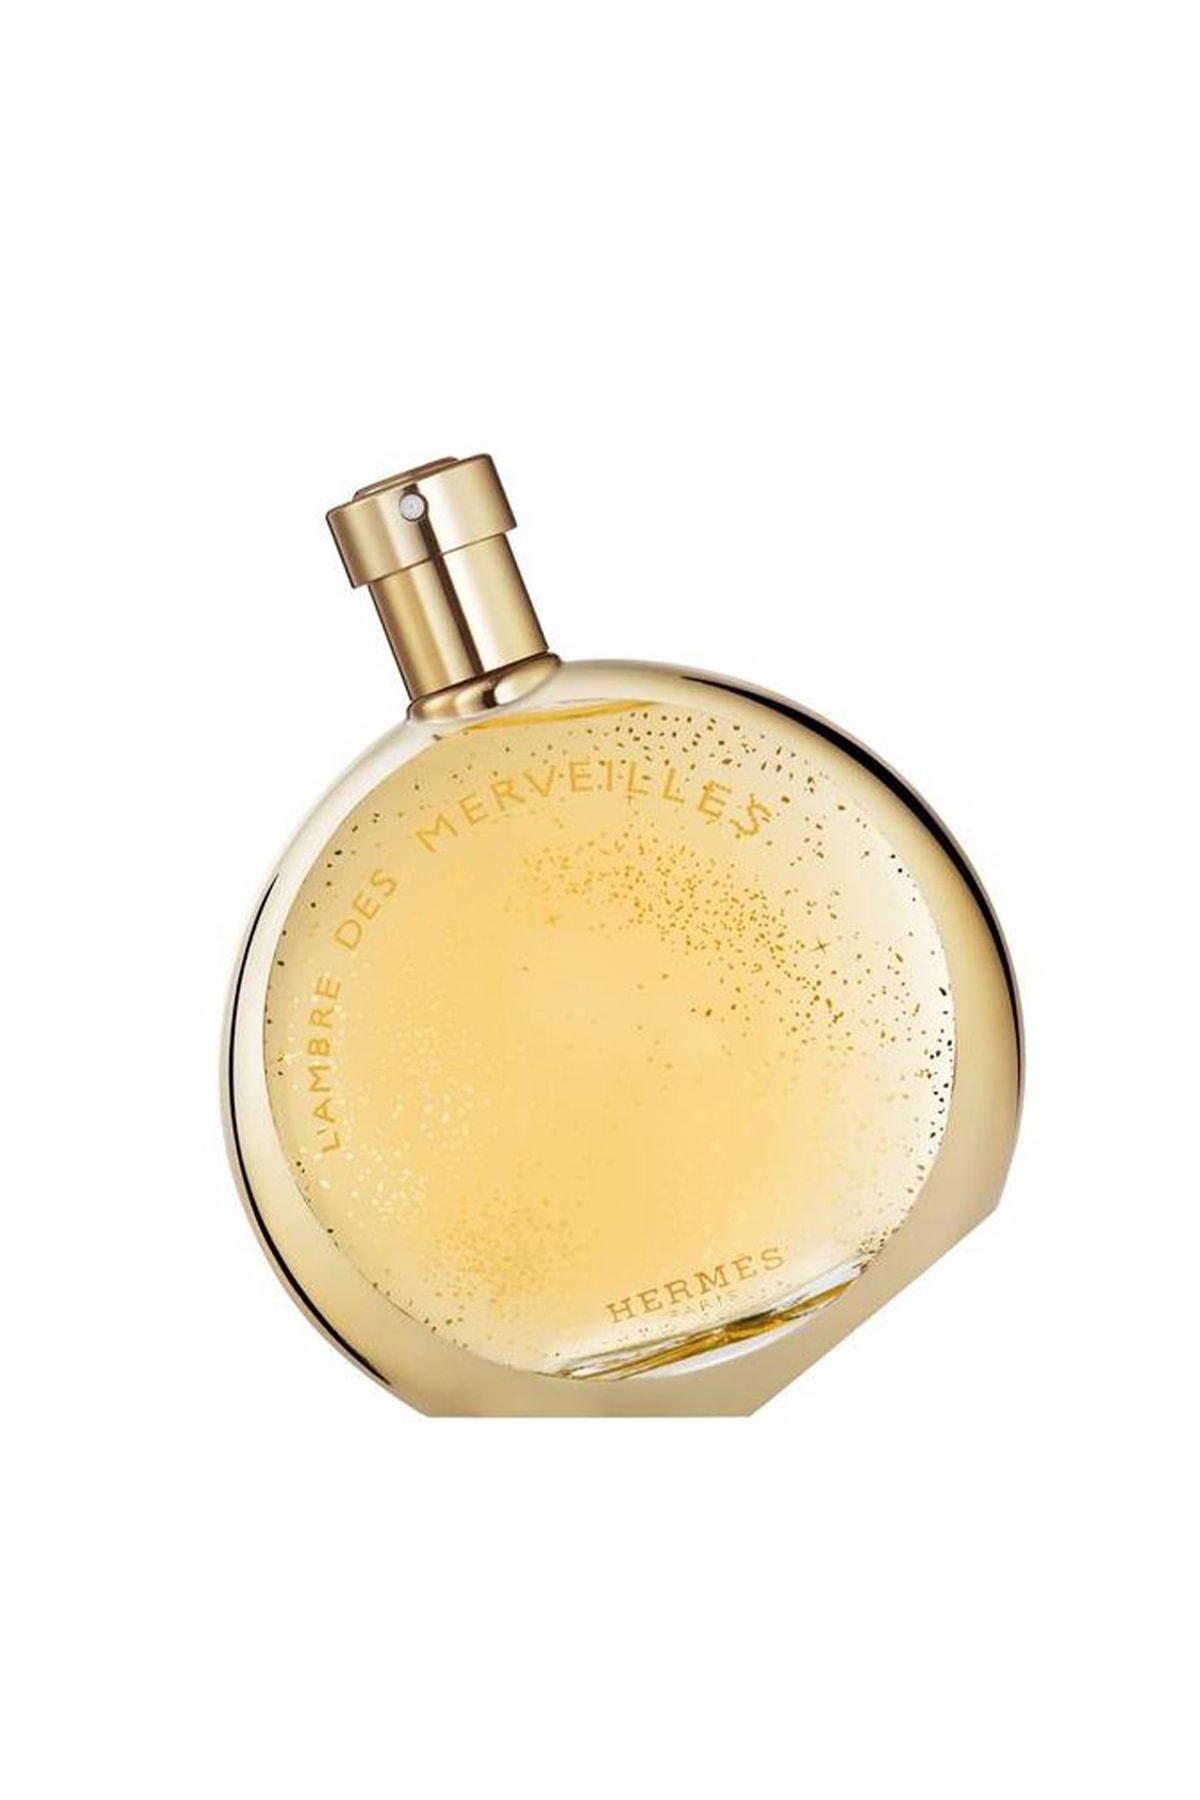 Hermes L Ambre Des Merveilles Edp 100 ml Kadın Parfümü 3346131796922 1